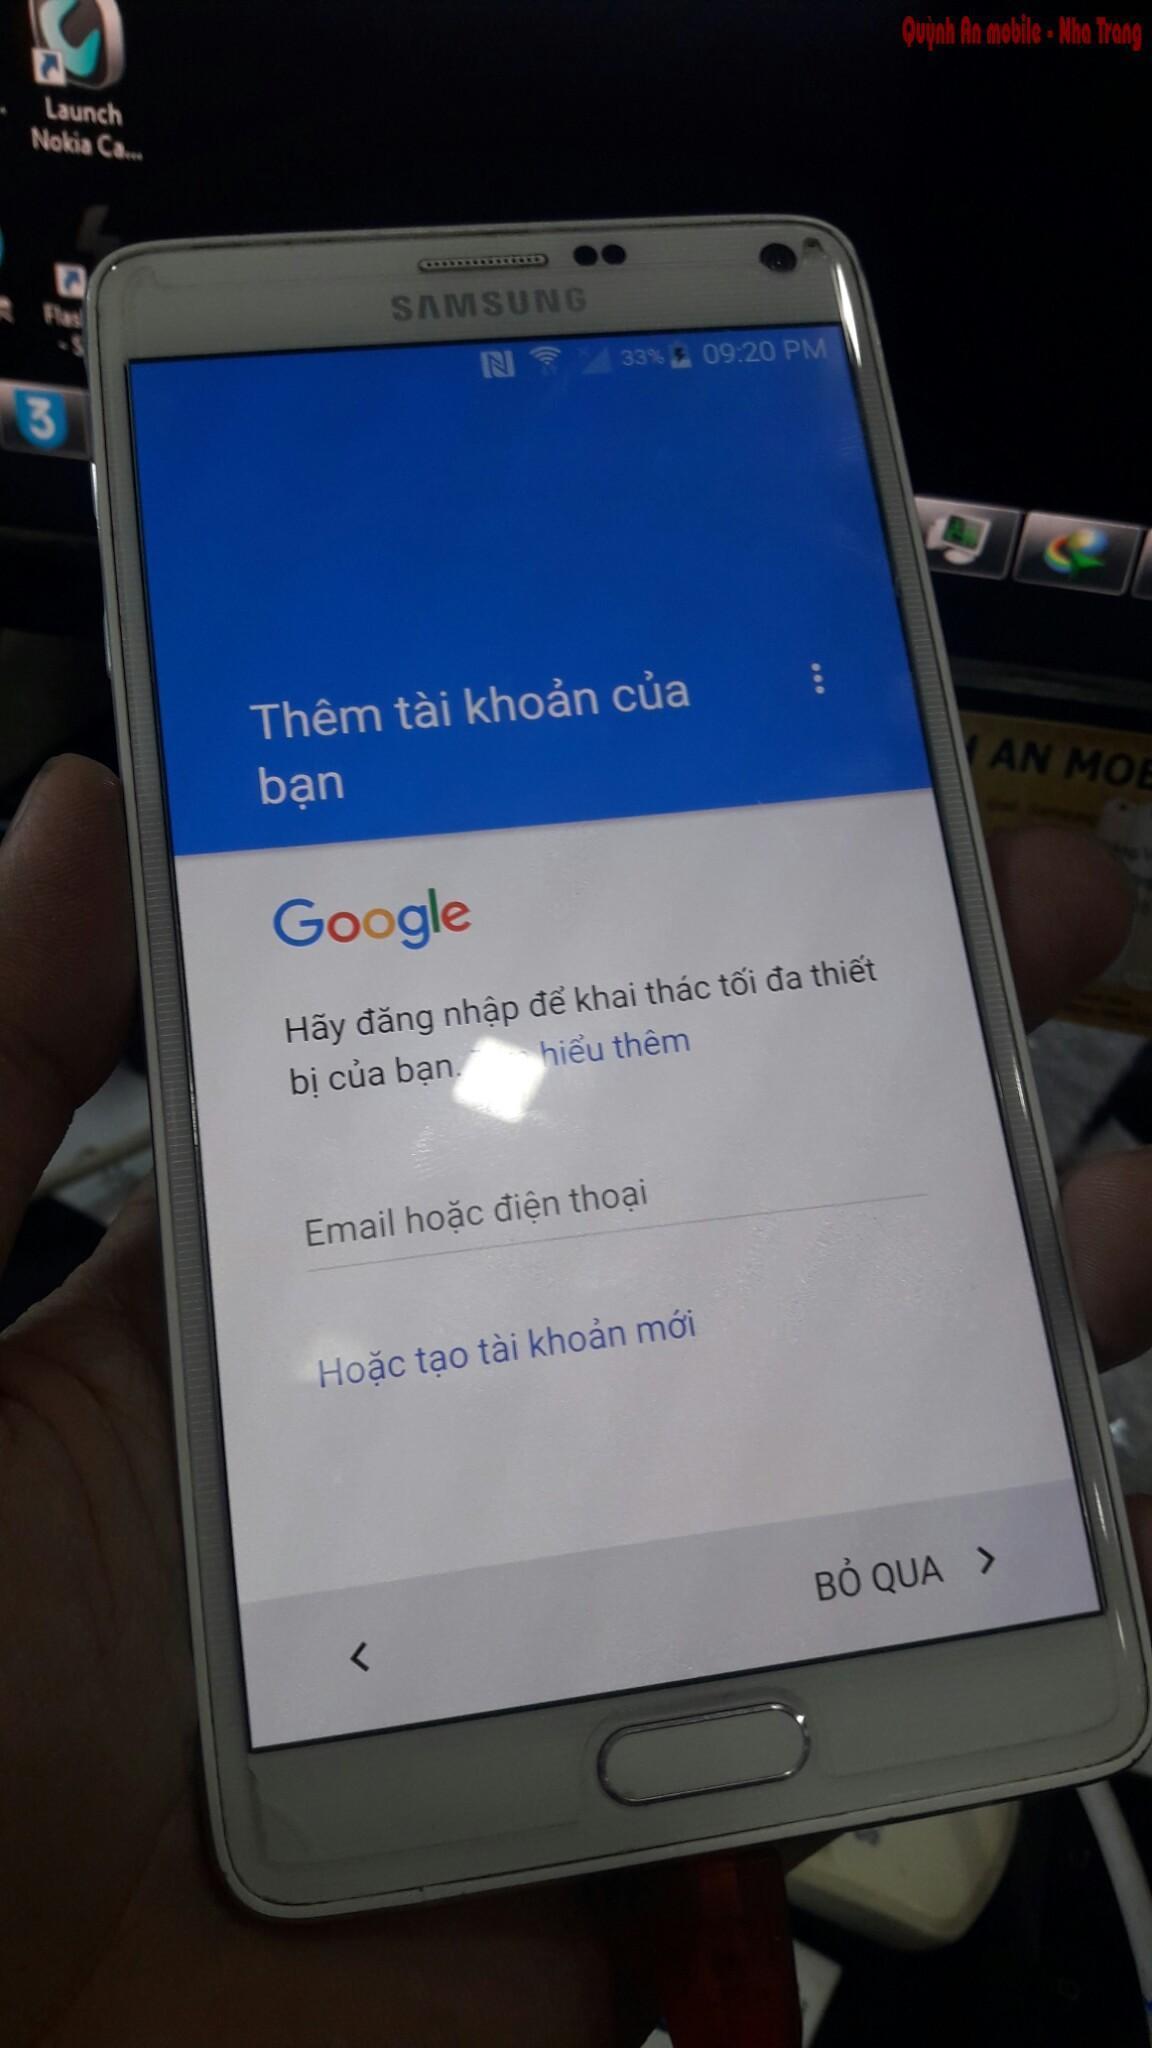 Khách hàng có thể đăng nhập tài khoản Gmail Google để tải các cứng dụng từ CH Play